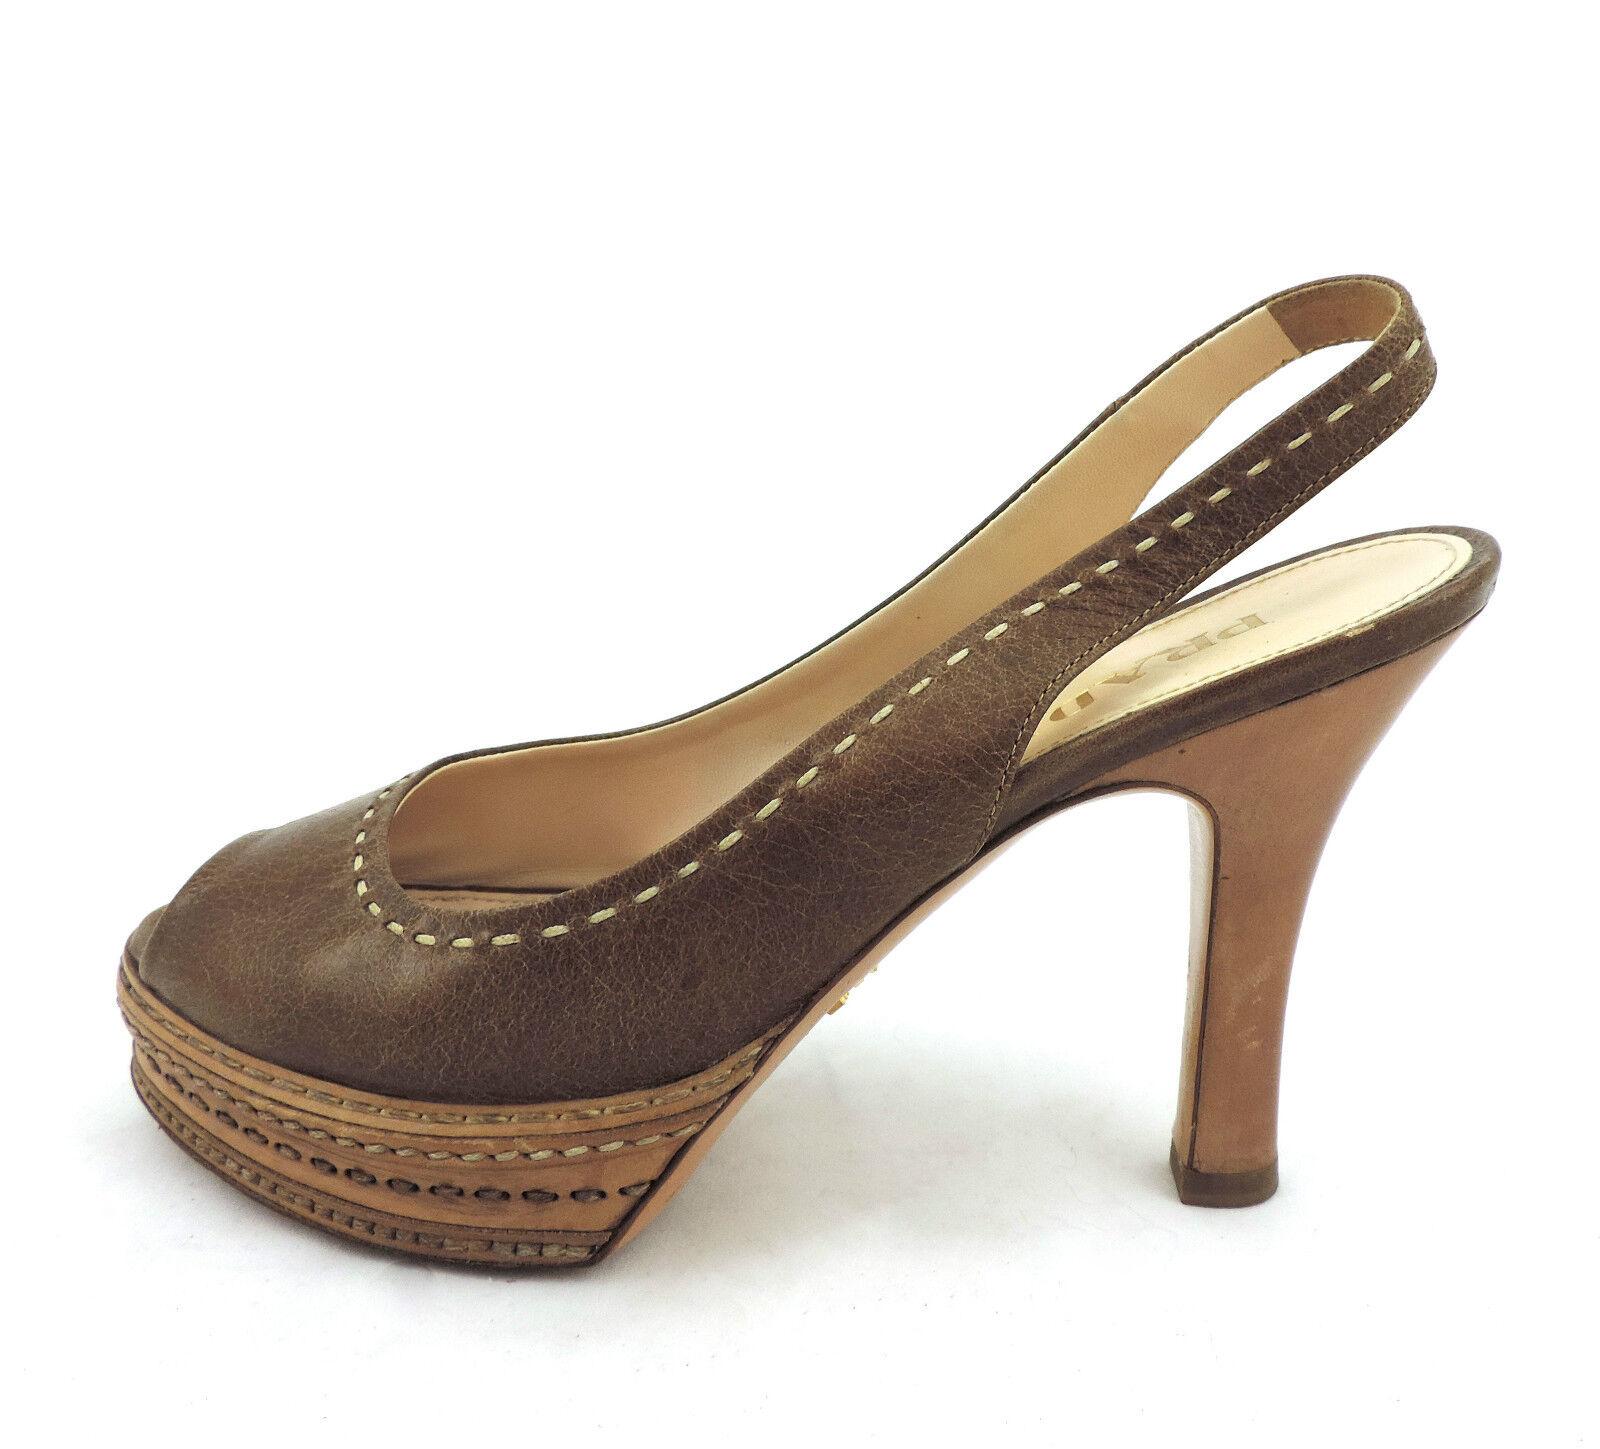 Prada de salón 36 plataforma sandalia tacones marrón Top